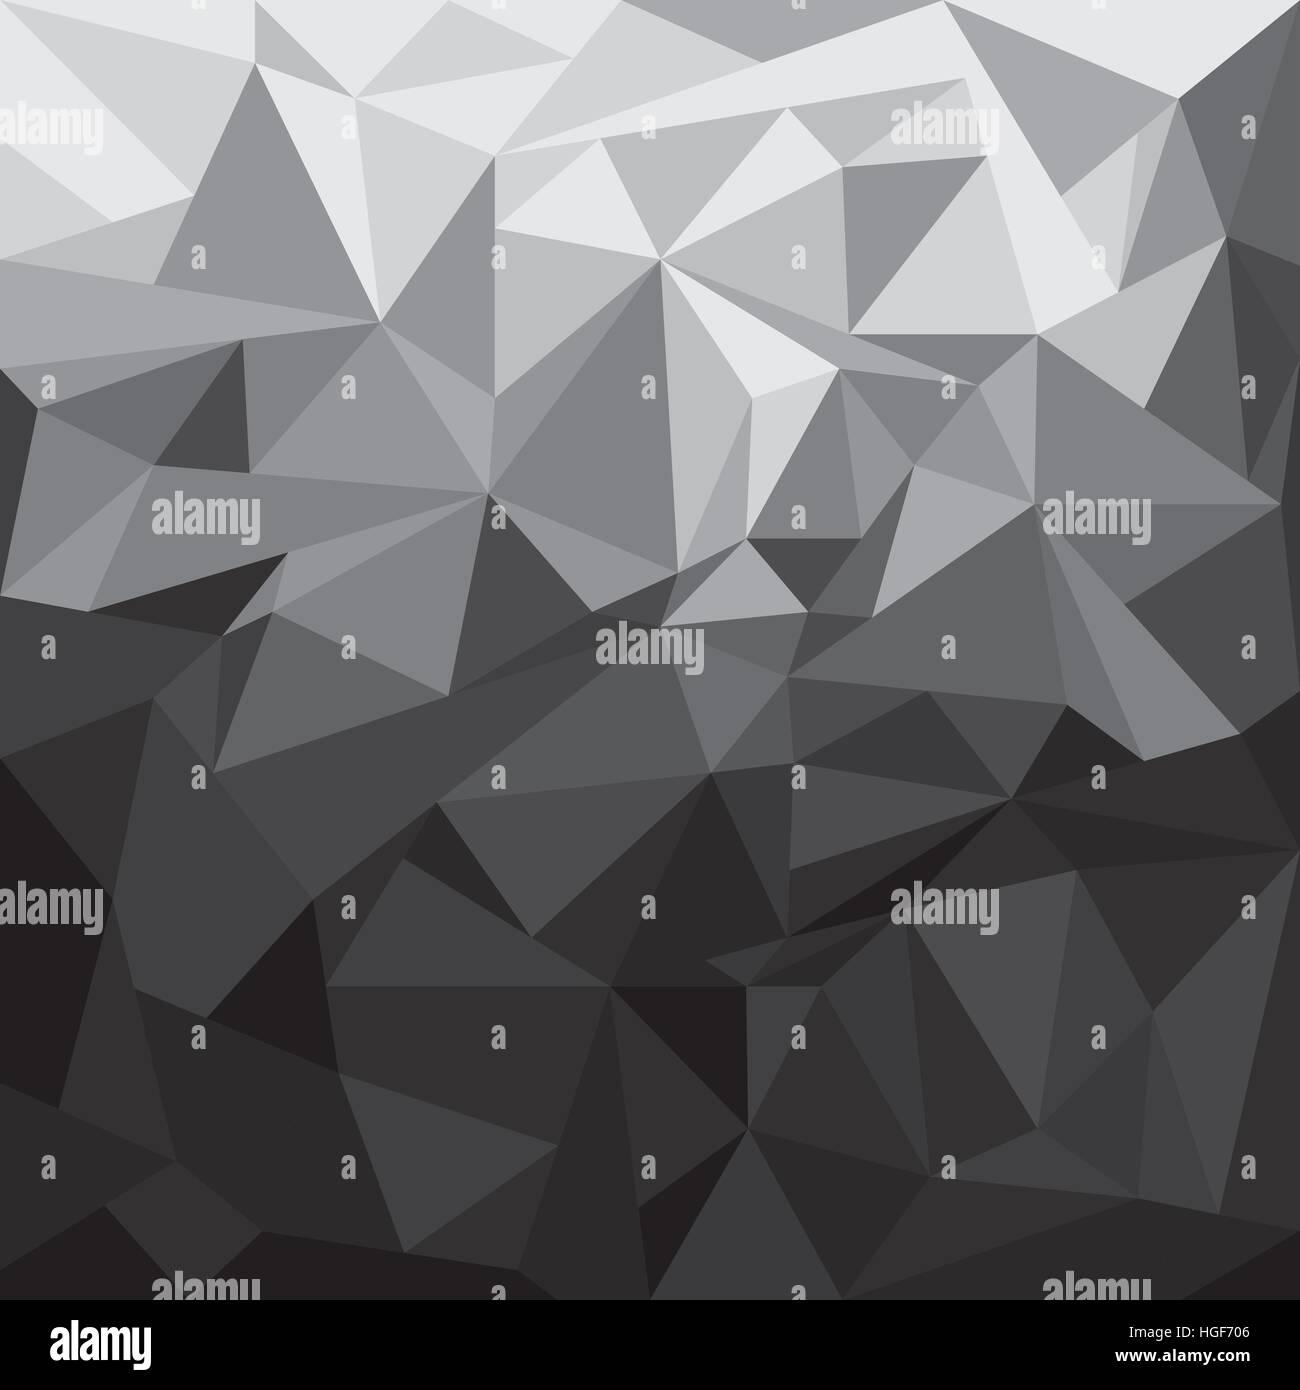 Moyenne Géométrique, Illustration, Noir, Gris, Papier Peint, Toile De Fond,  La Texture, Le Design, La Couleur, Triangle, Marine, Vector, Lumineux,  Bannière, ...